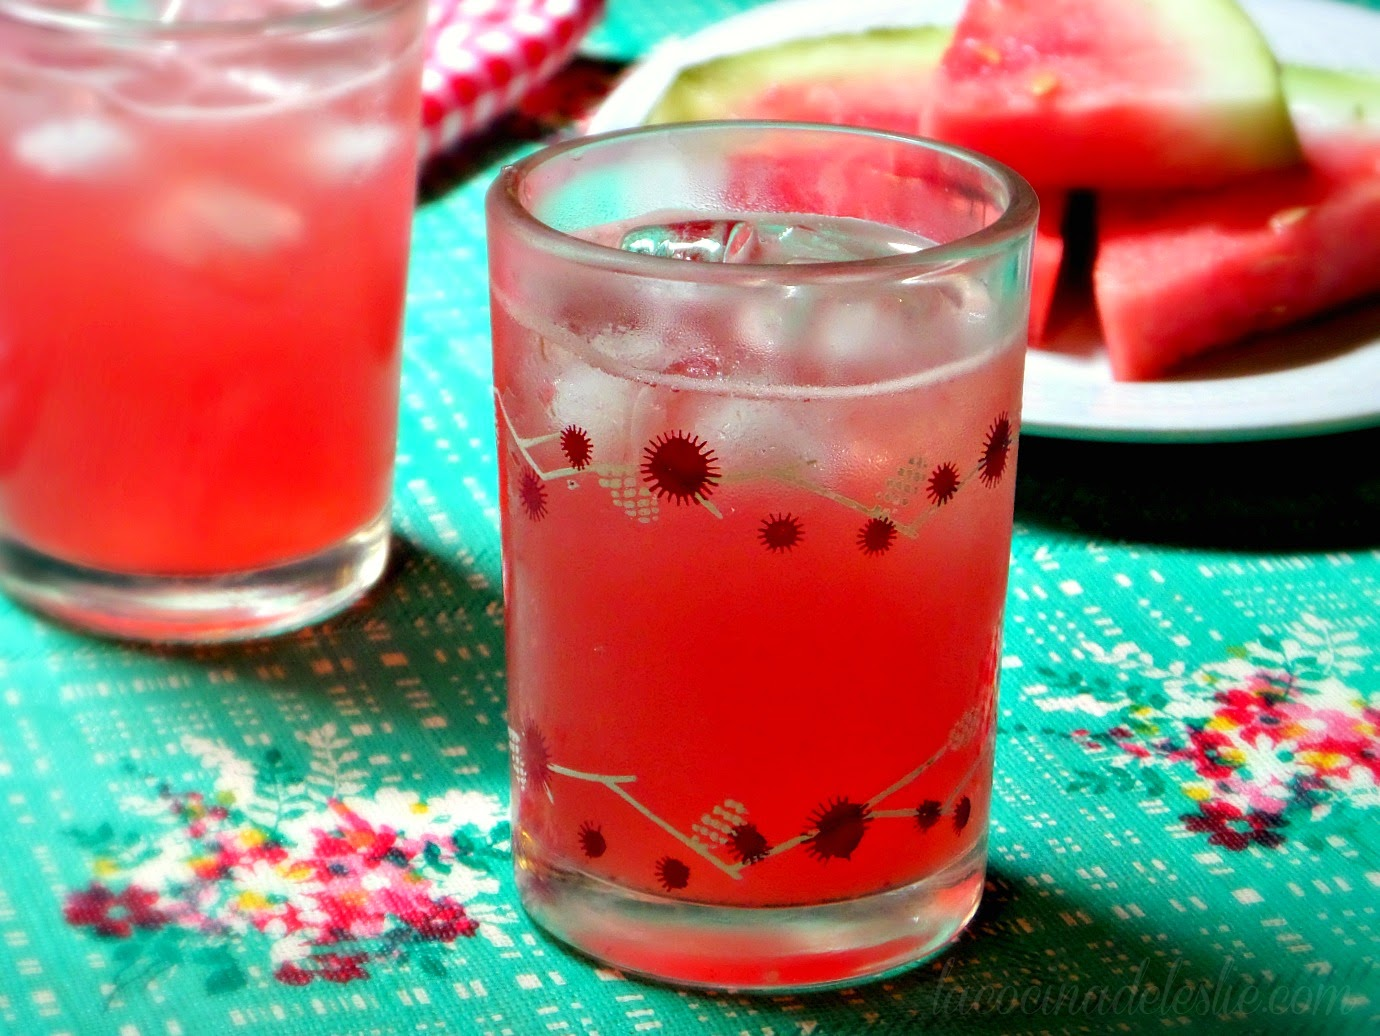 Agua de Sandía recipe - lacocinadeleslie.com